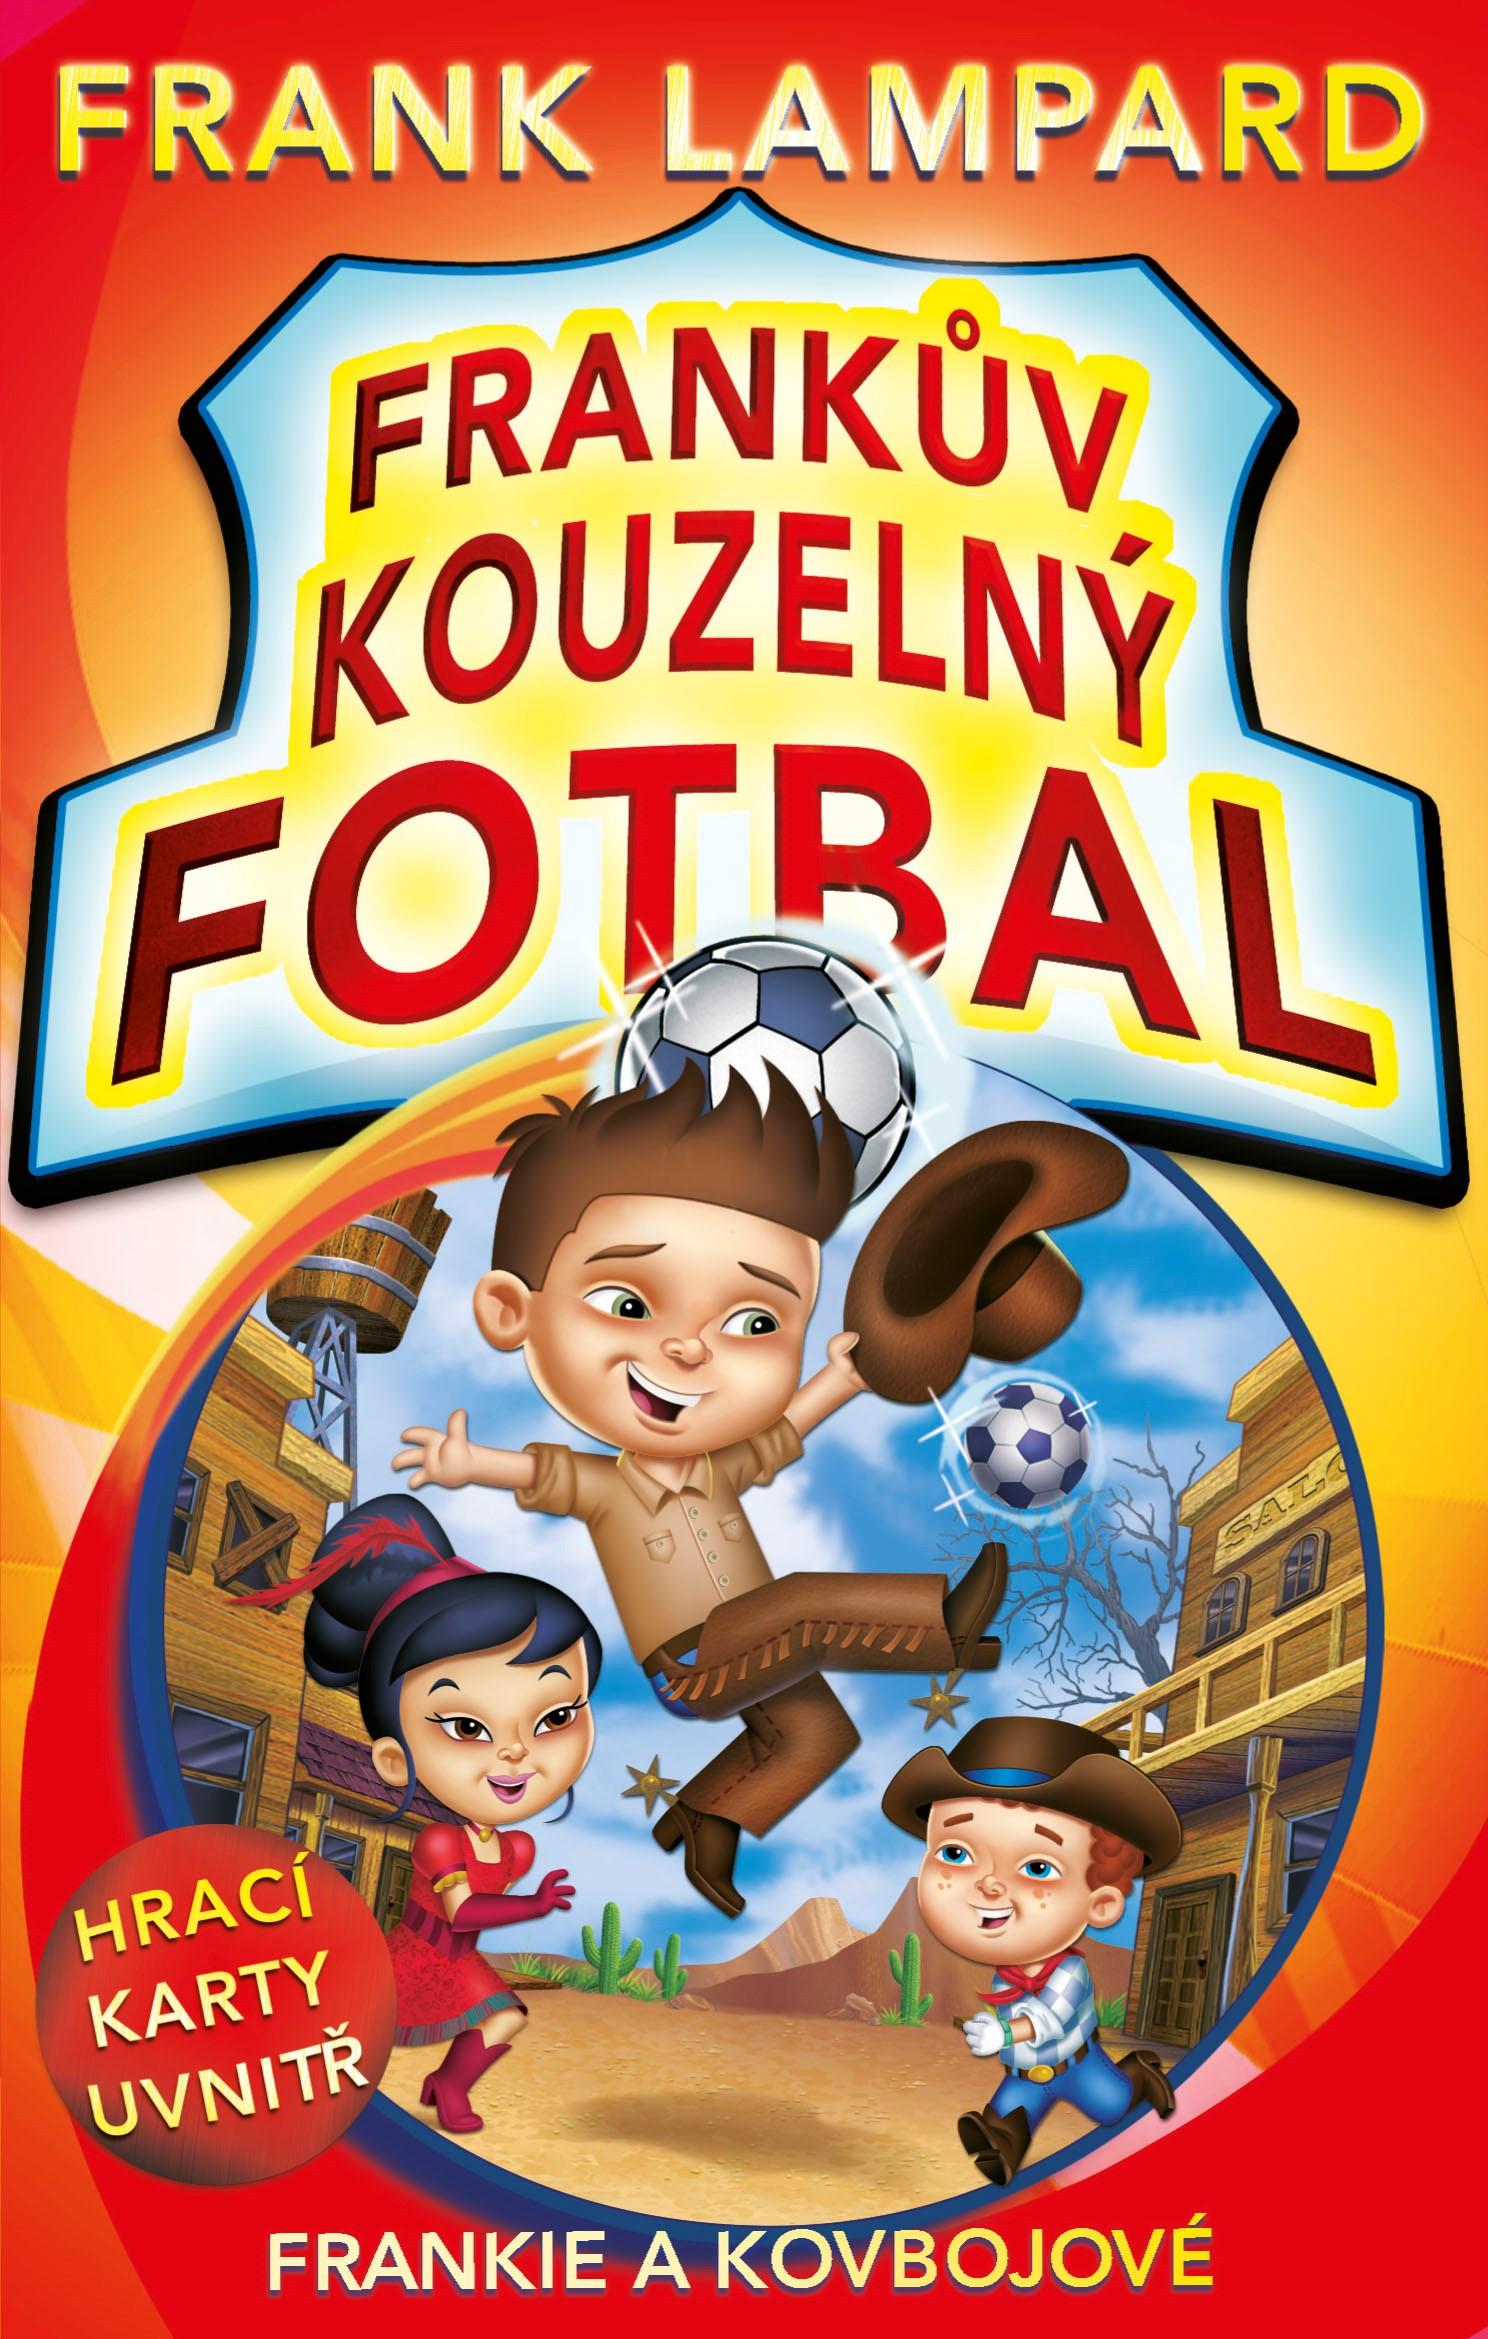 Frankův kouzelný fotbal 3 - Frankie a kovbojové | Frank Lampard